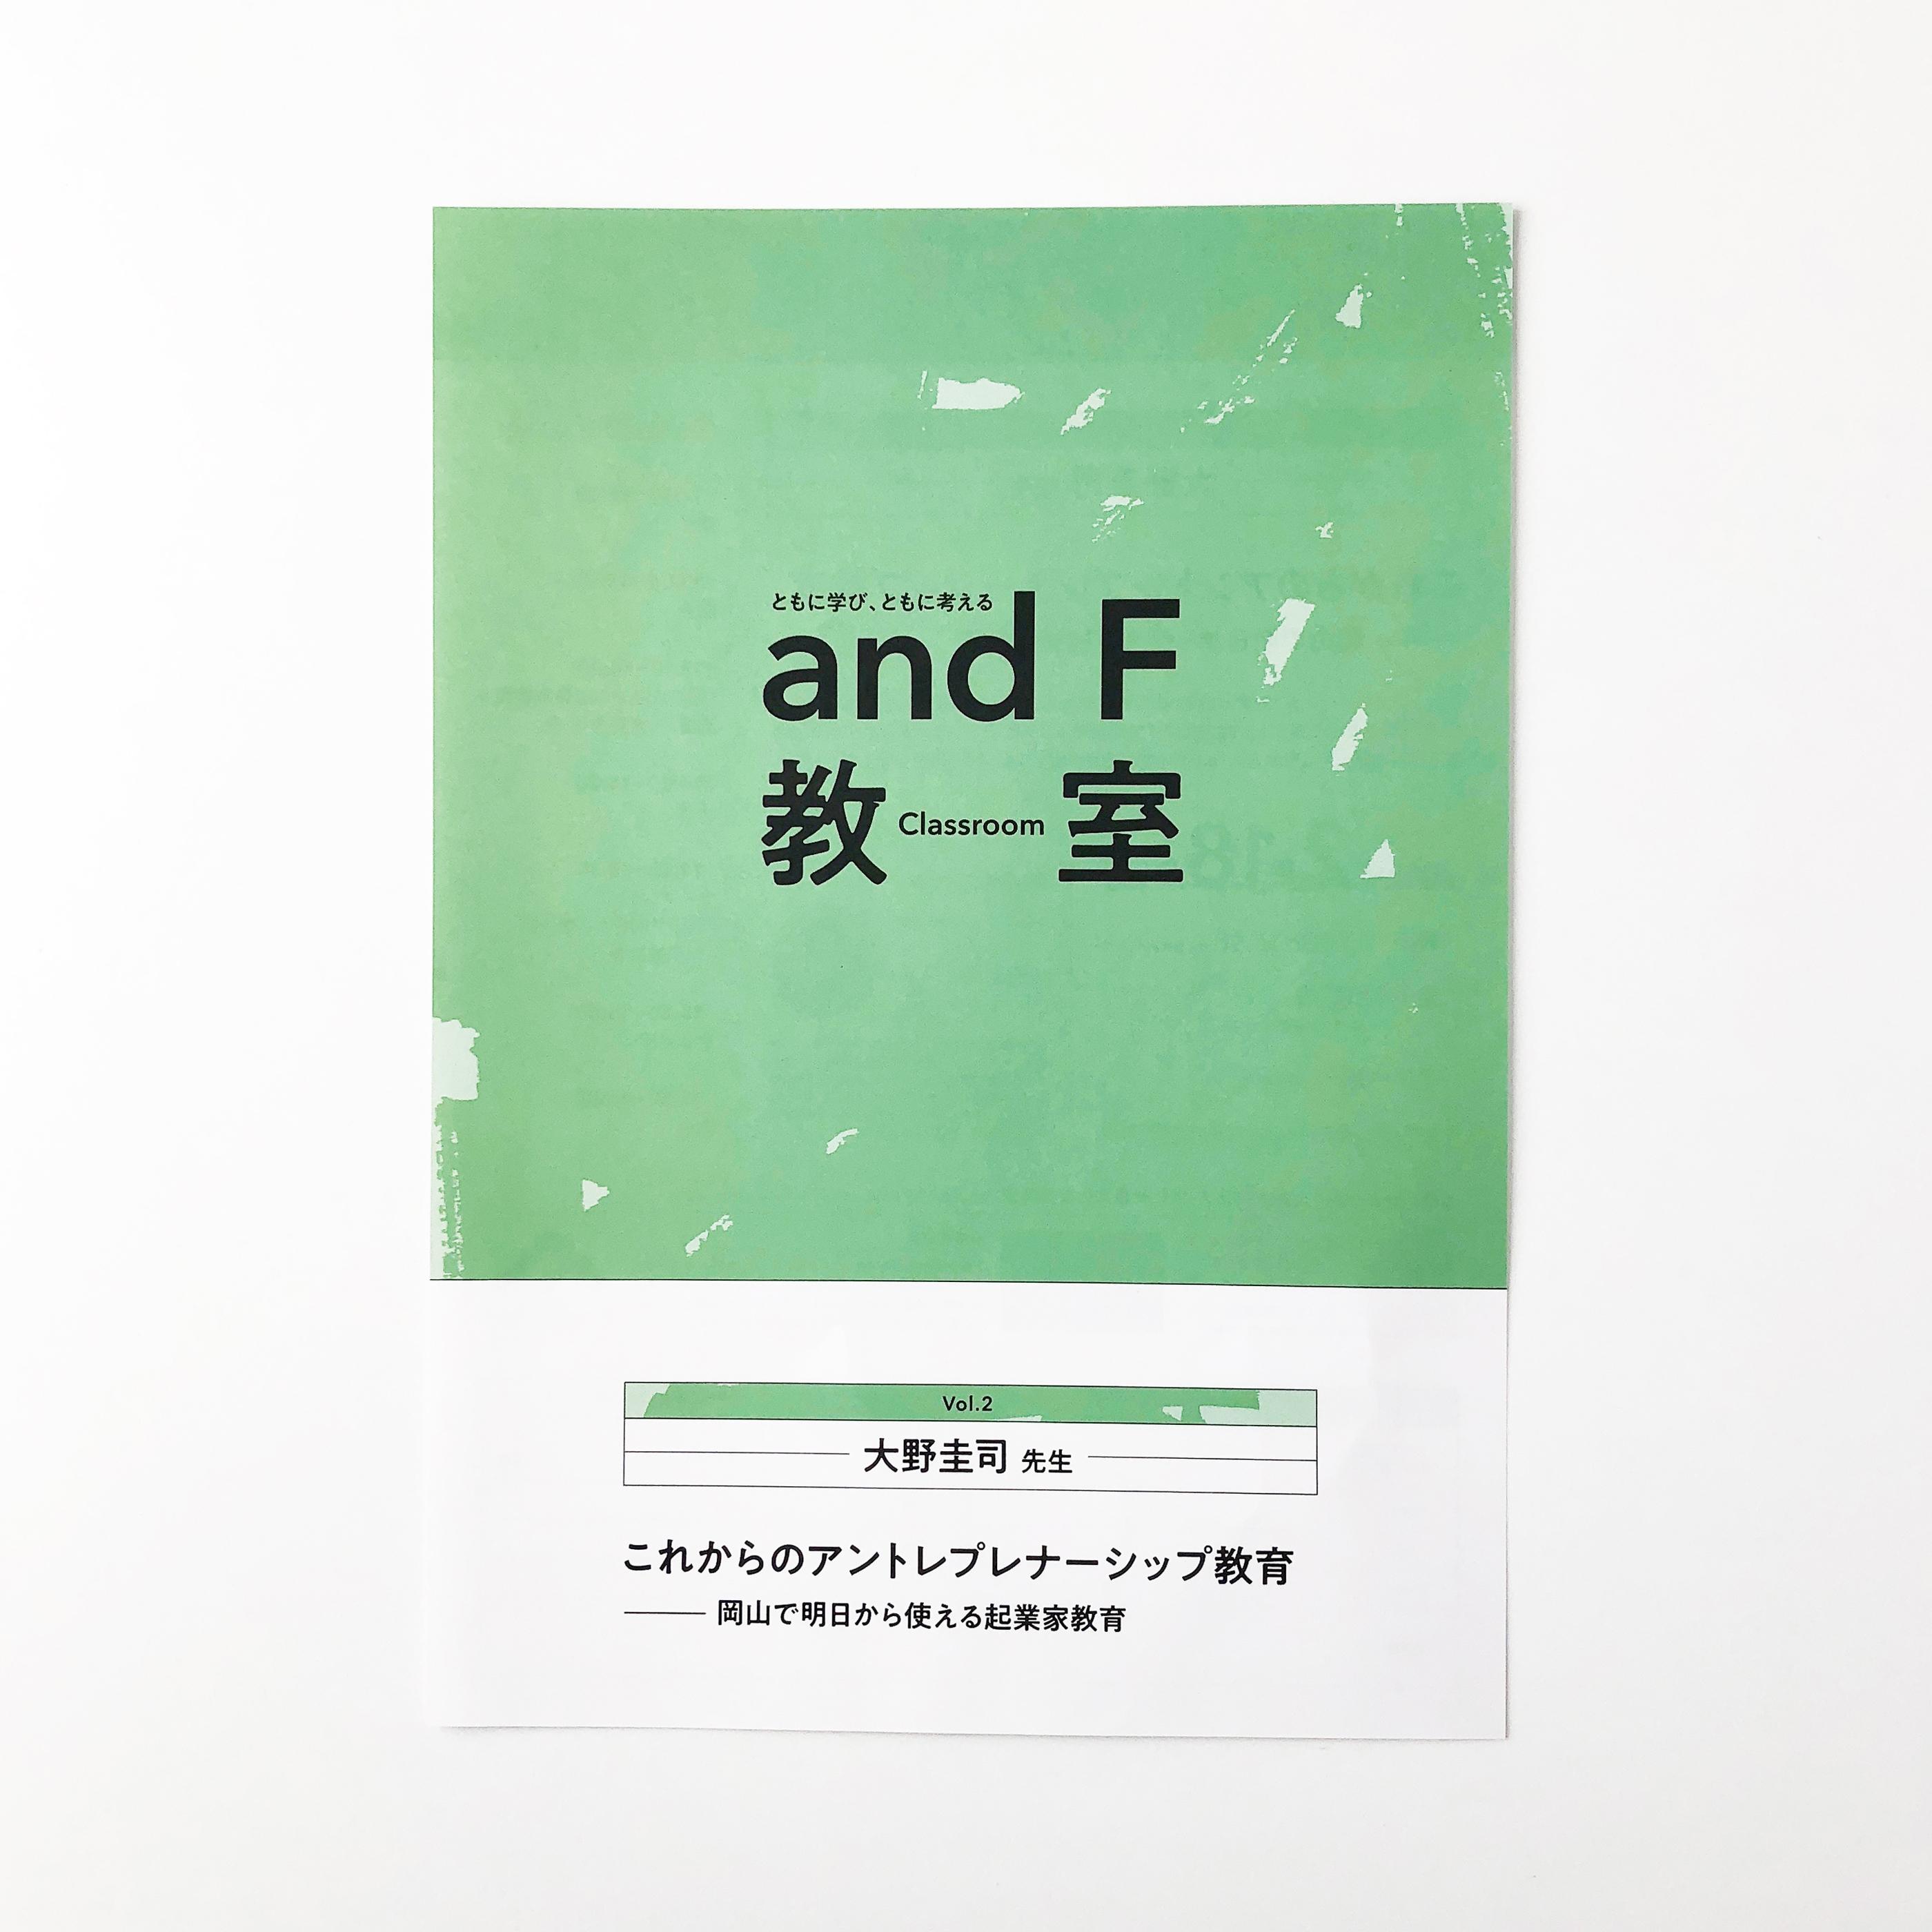 andF_vol2_1